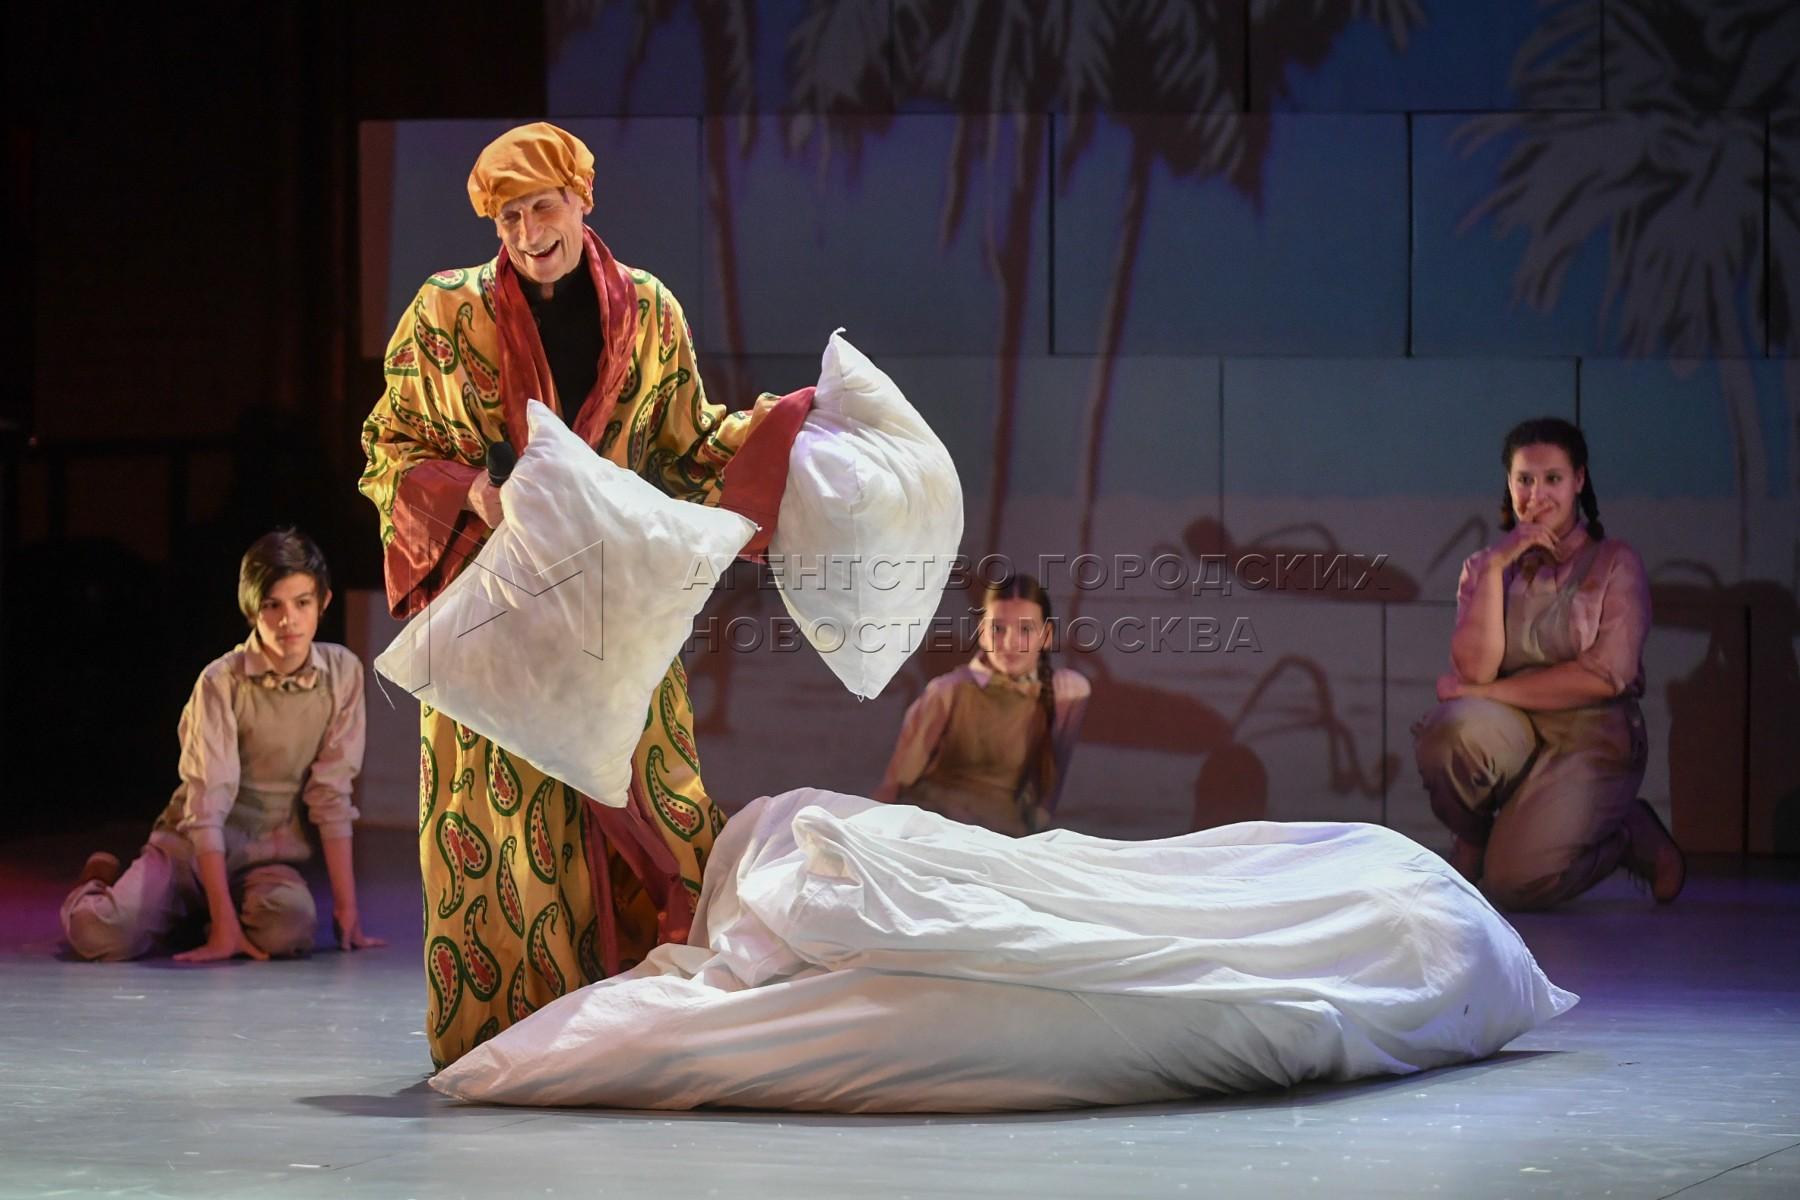 Показ кино-мюзикла «Золото» на третьей сцене МХАТ им. М.Горького.